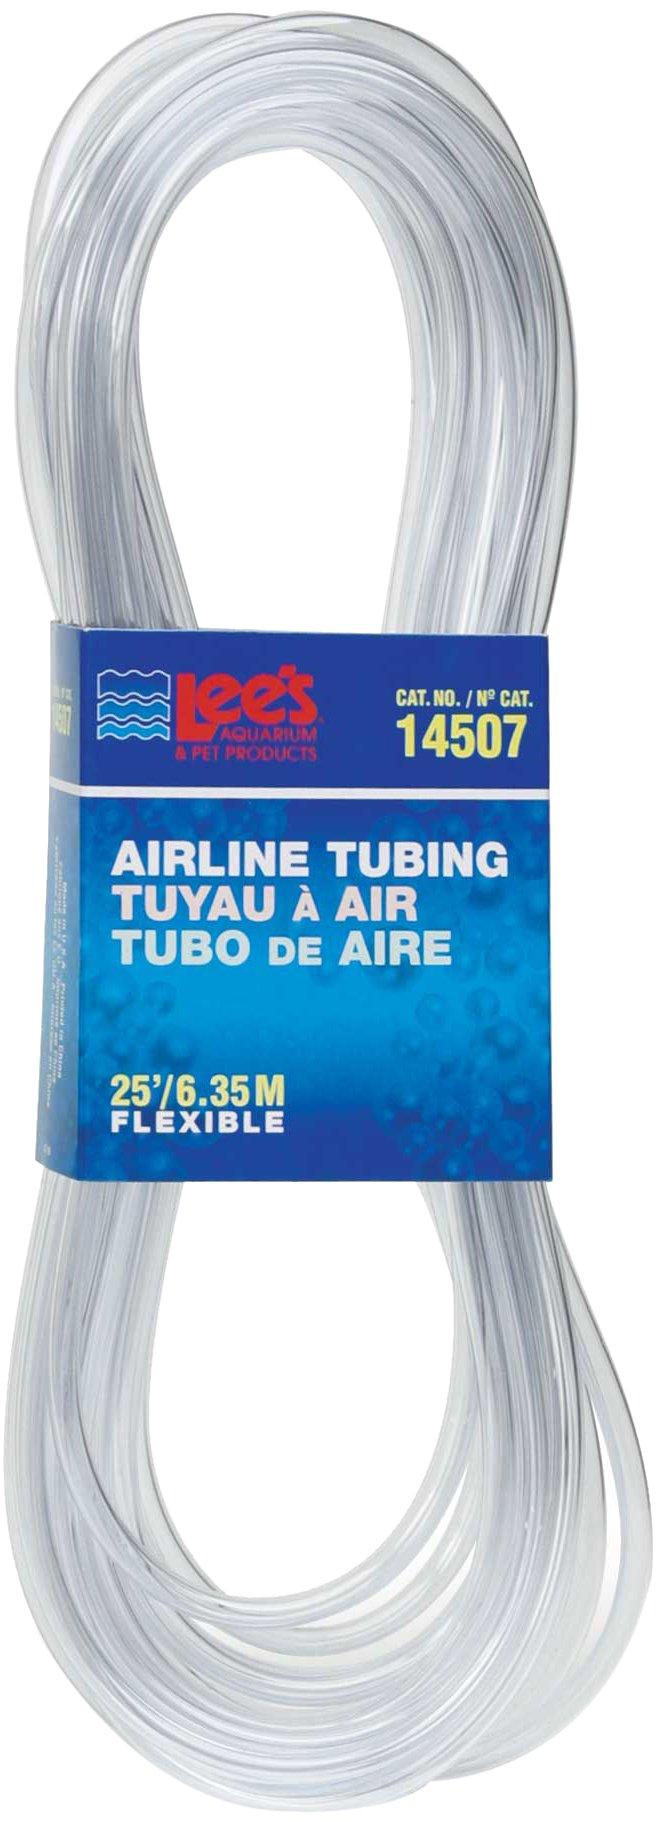 Lee's Airline Tubing, 25-Foot, Standard